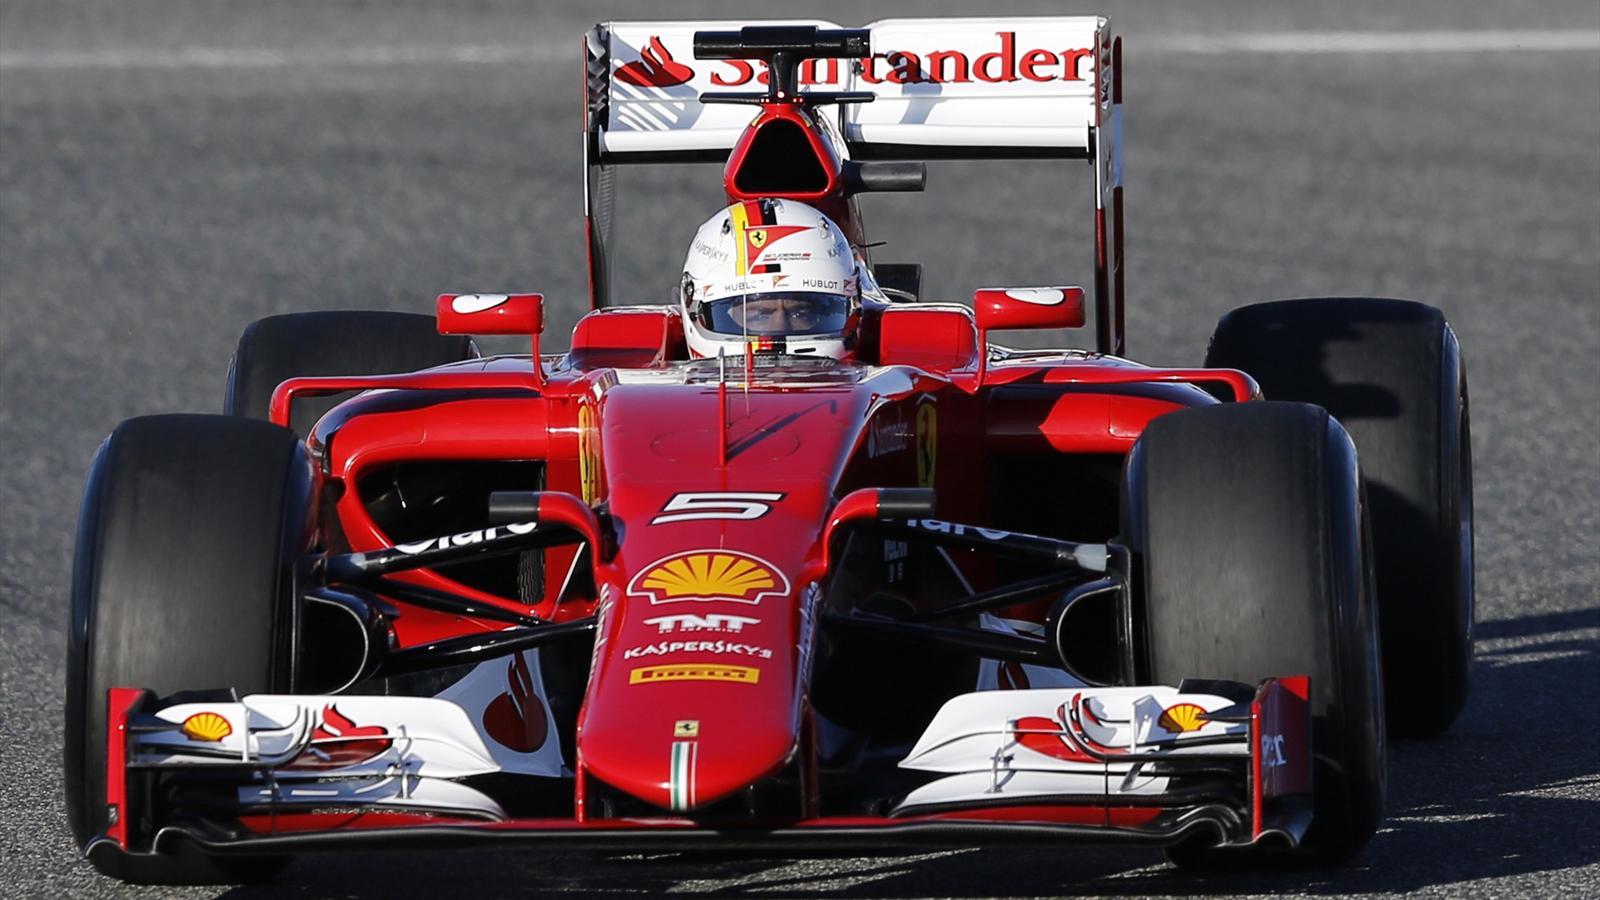 Sebastian Vettel fastest for Ferrari on day one of 2015 testing - Formula 1 - Eurosport